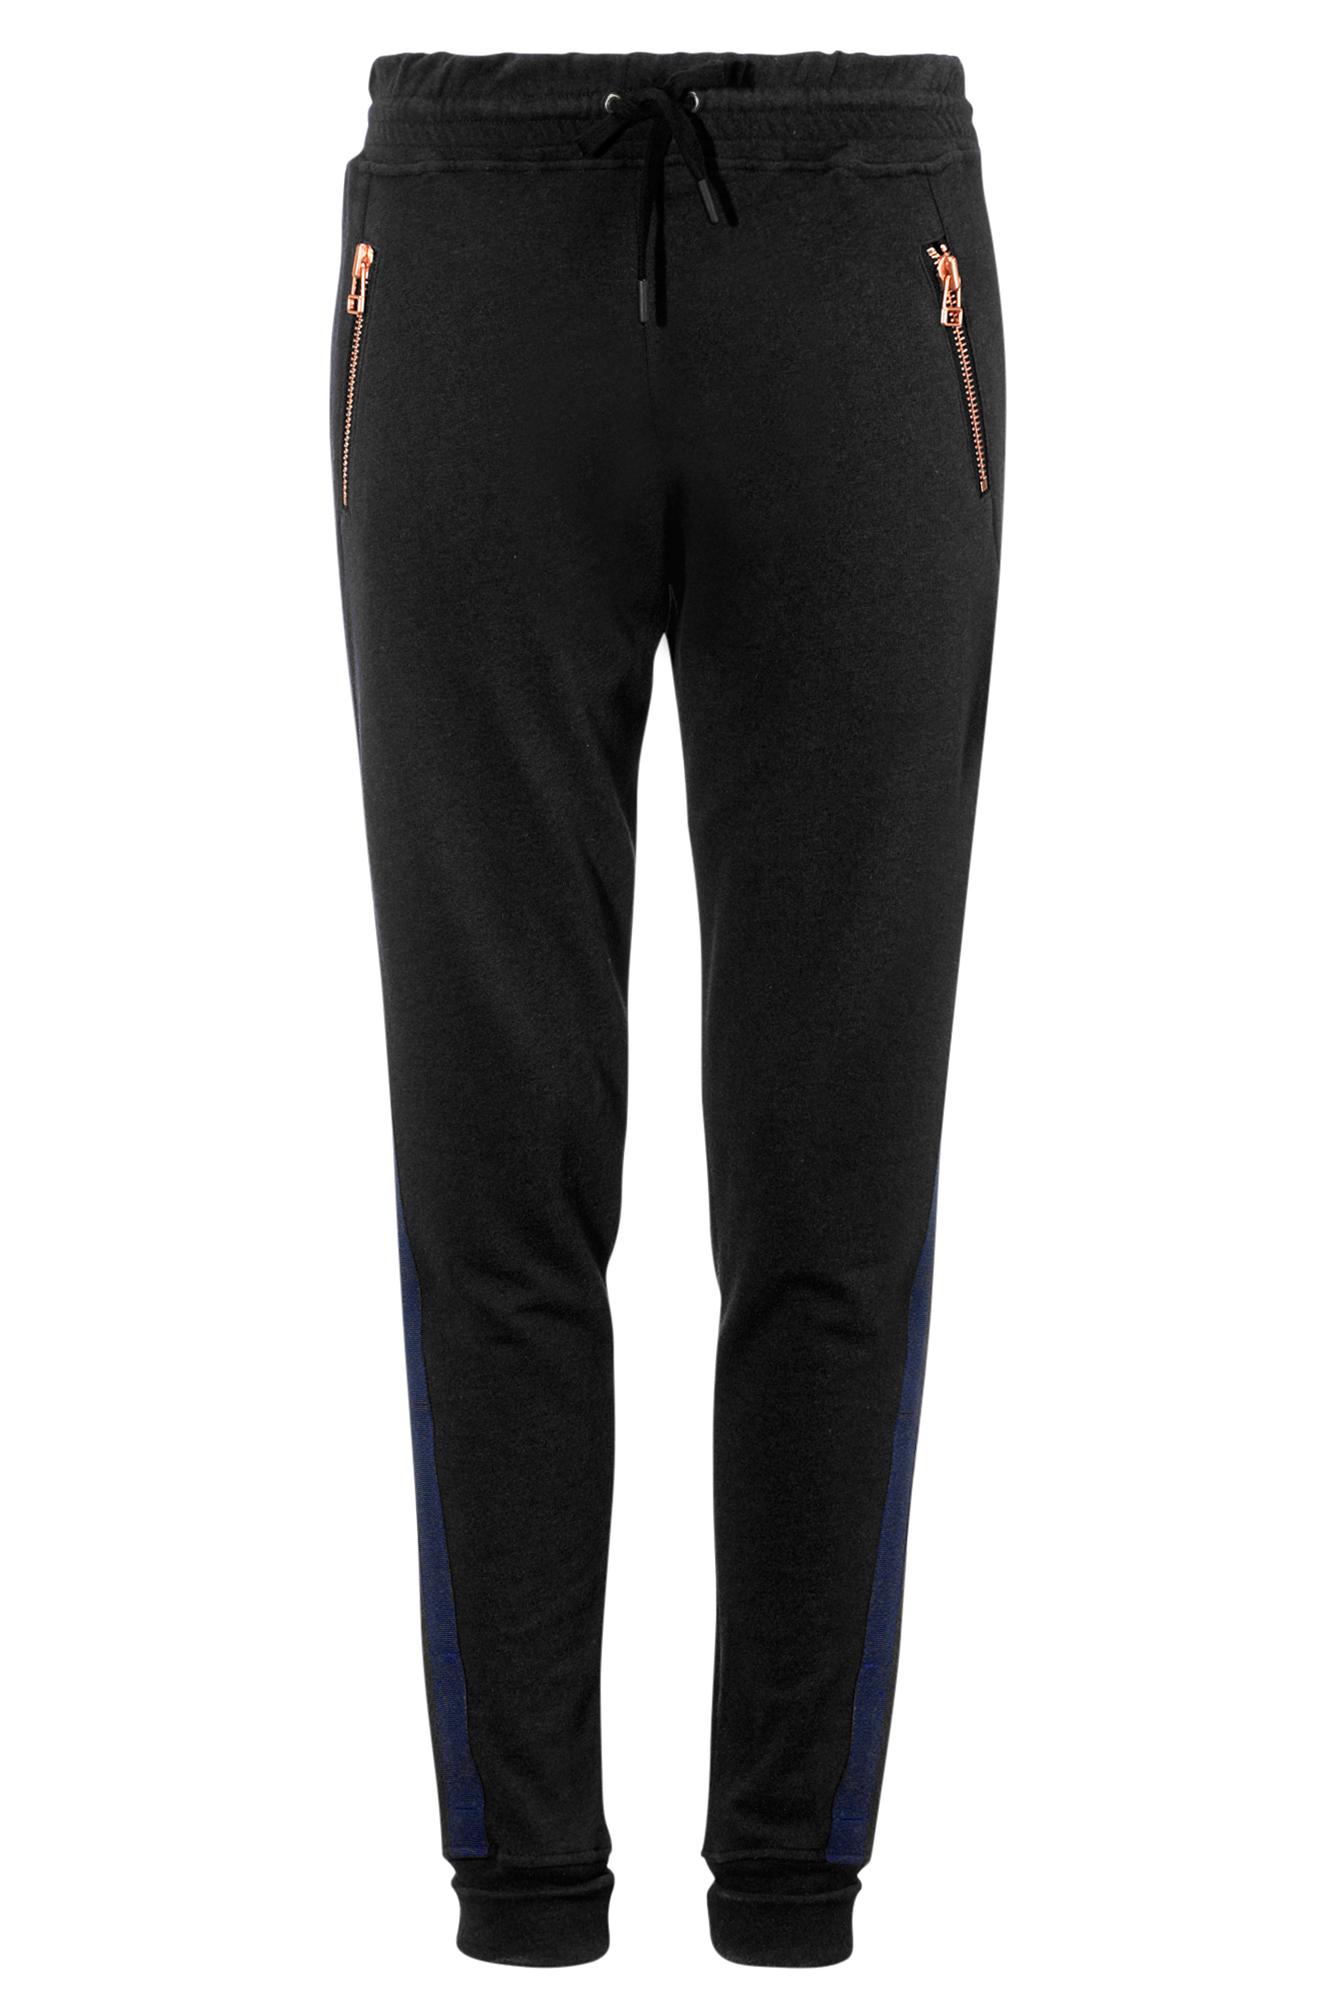 The Sweat Pant CLOSE by DENIM Bukser til Kvinder i Sort